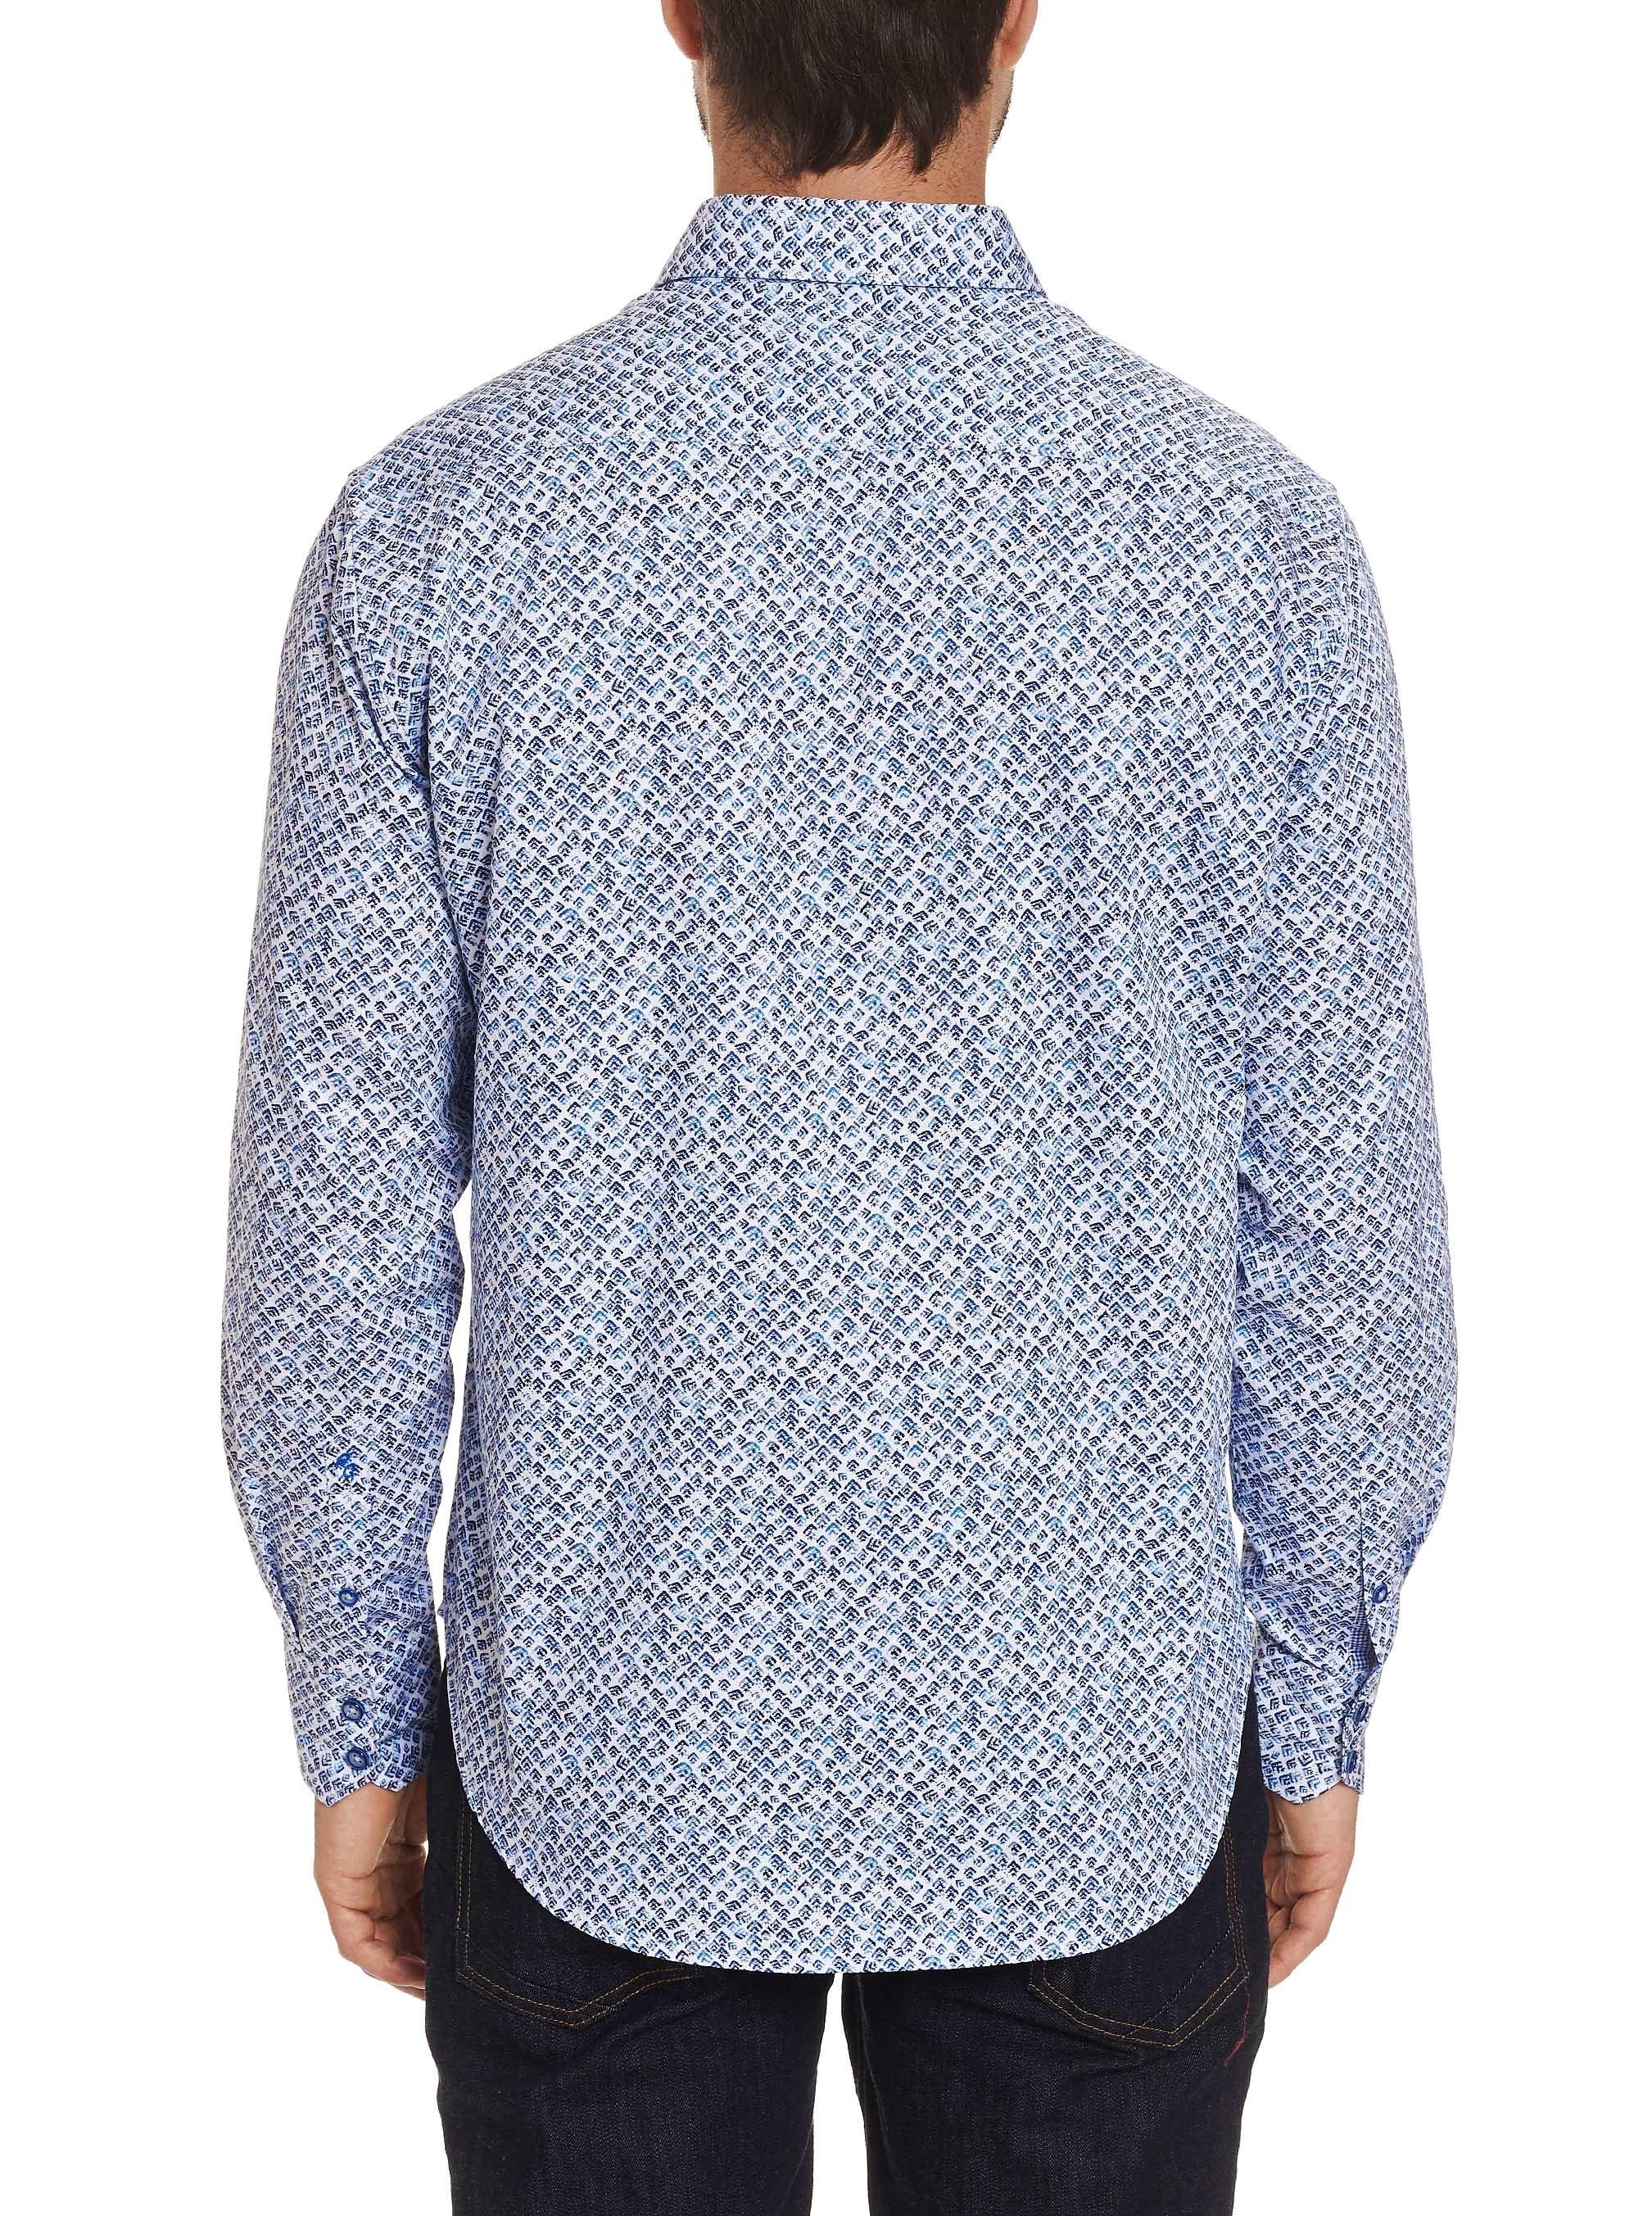 Robert Graham Celadon Sport Shirt Blue